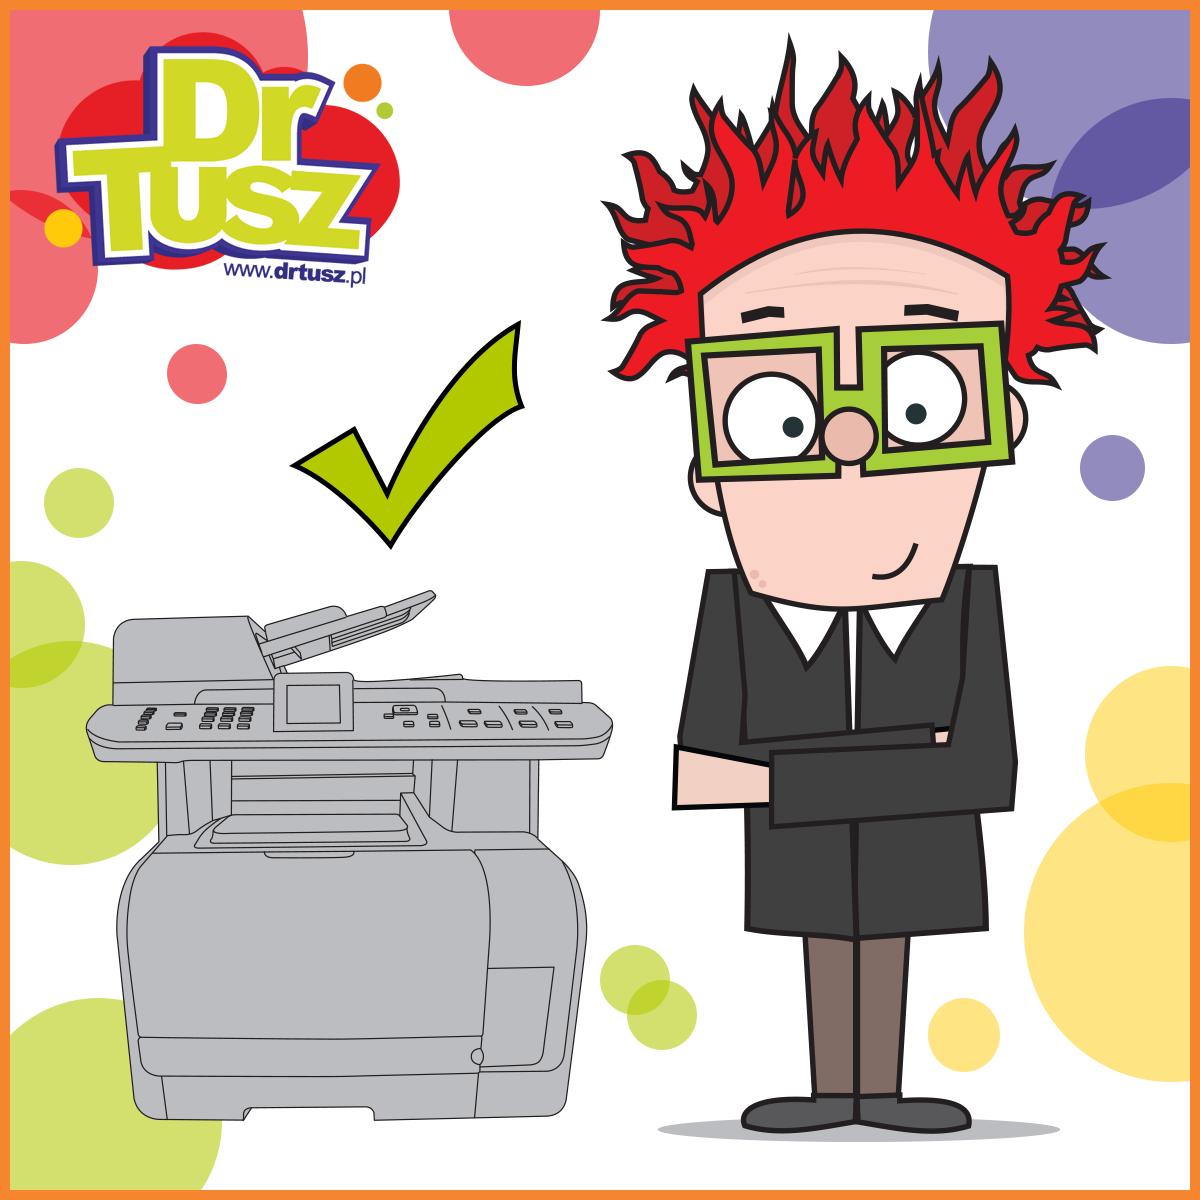 Najlepsze drukarki dla firm wg DrTusza